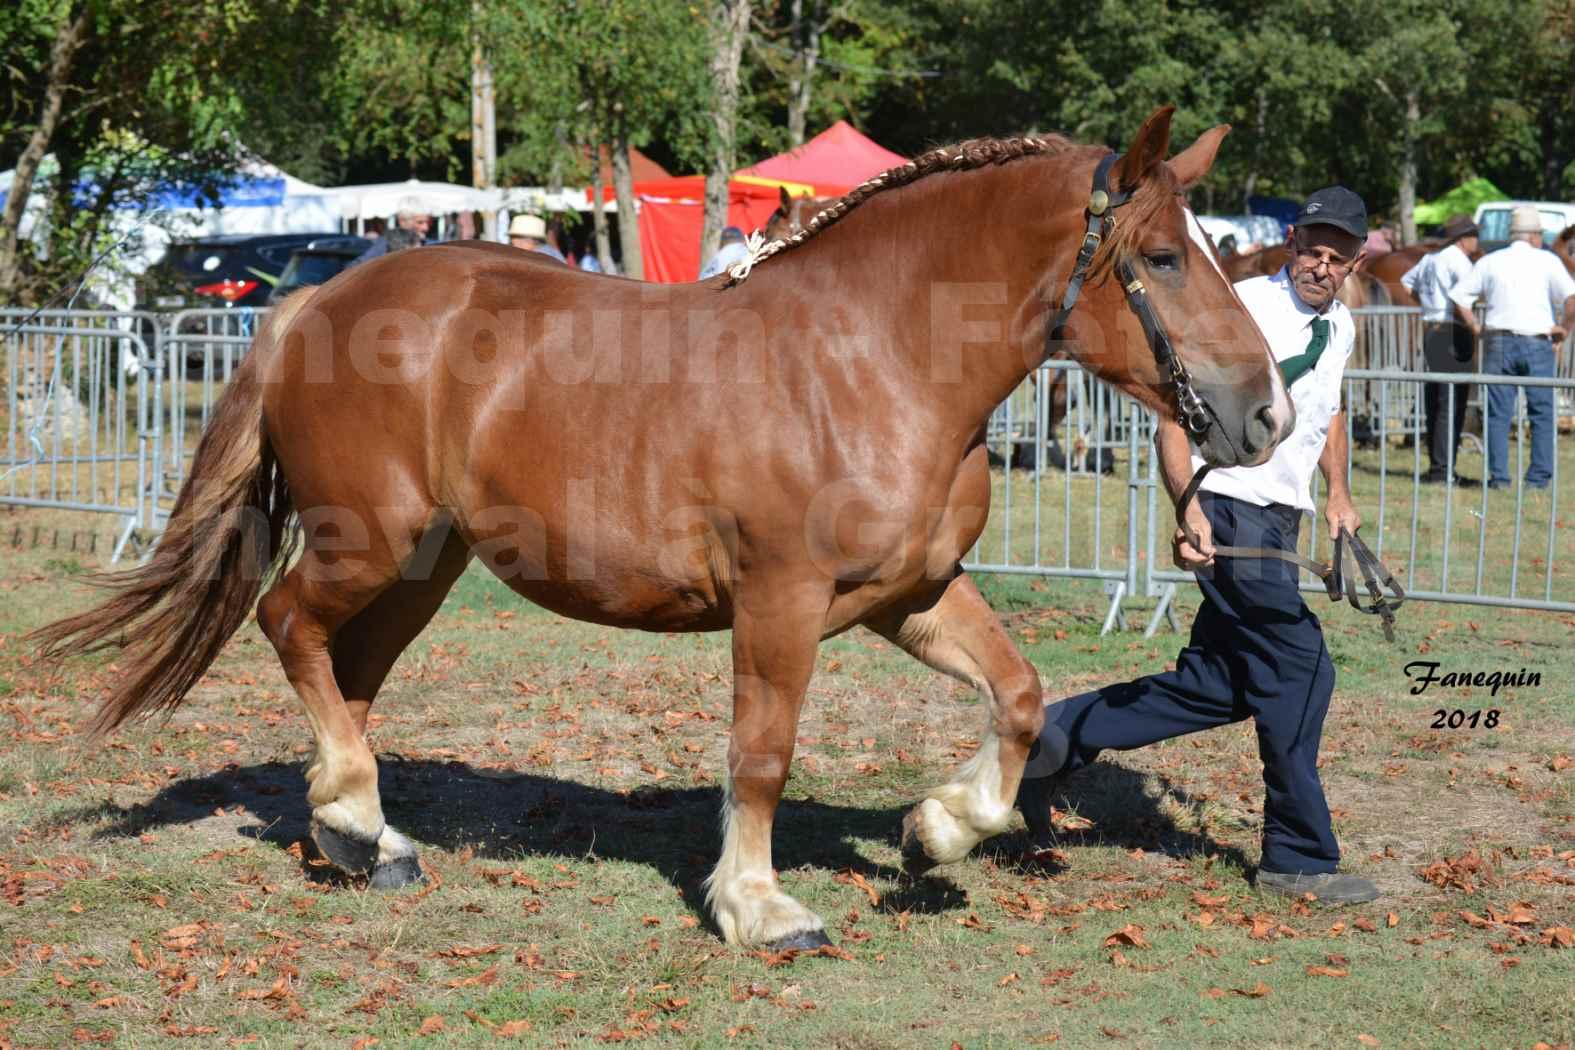 Fête du cheval à GRAULHET le 16 septembre 2018 - Concours Départemental de chevaux de traits - 05